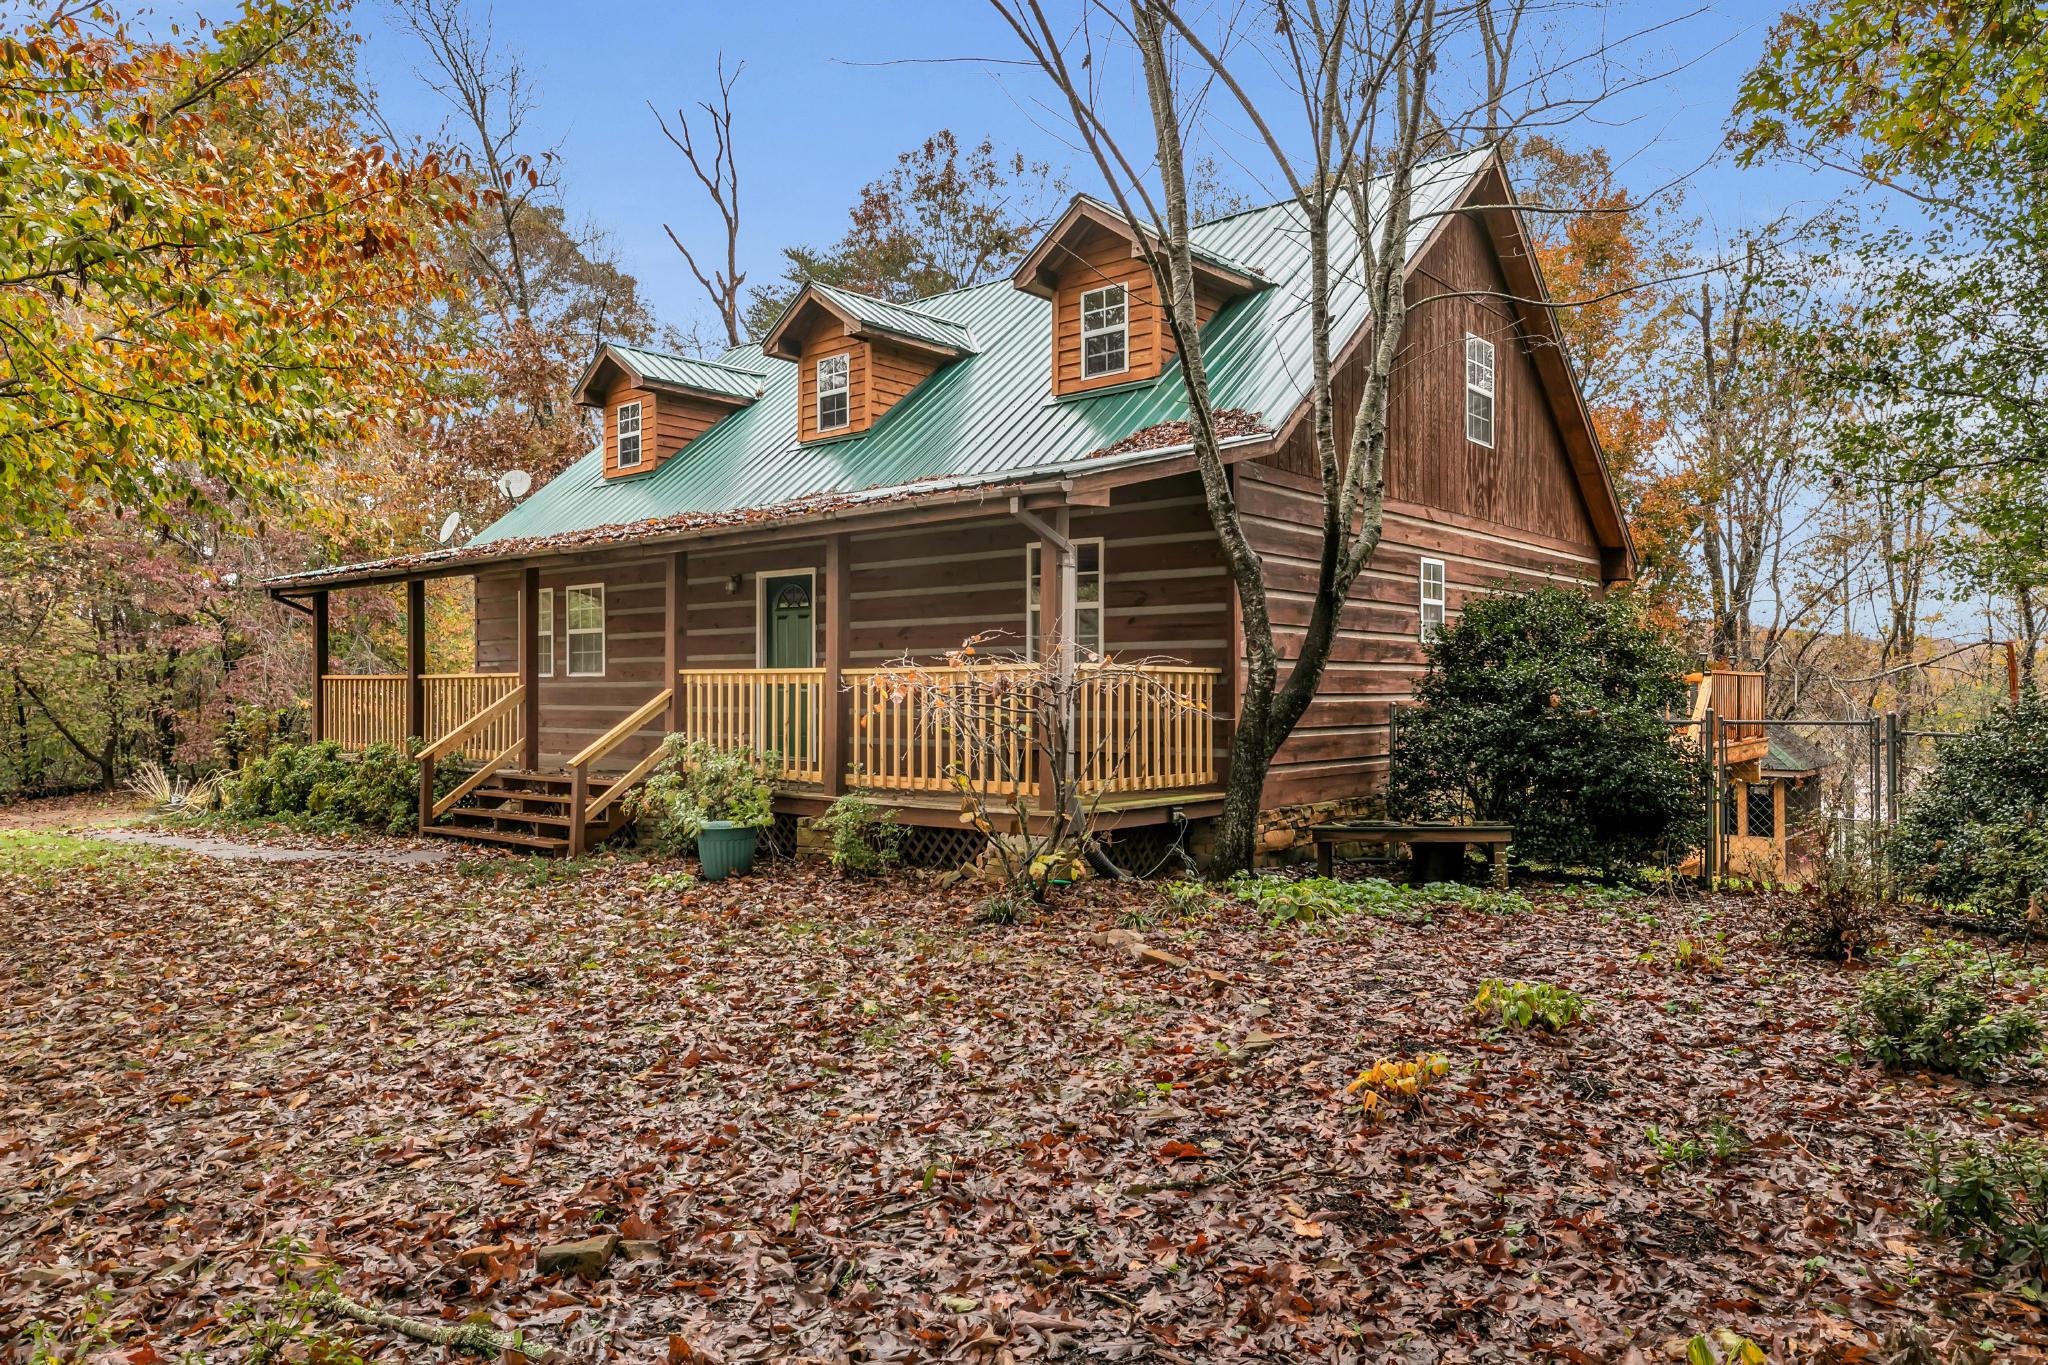 175 Woods Subd Ln, Georgetown, TN 37336